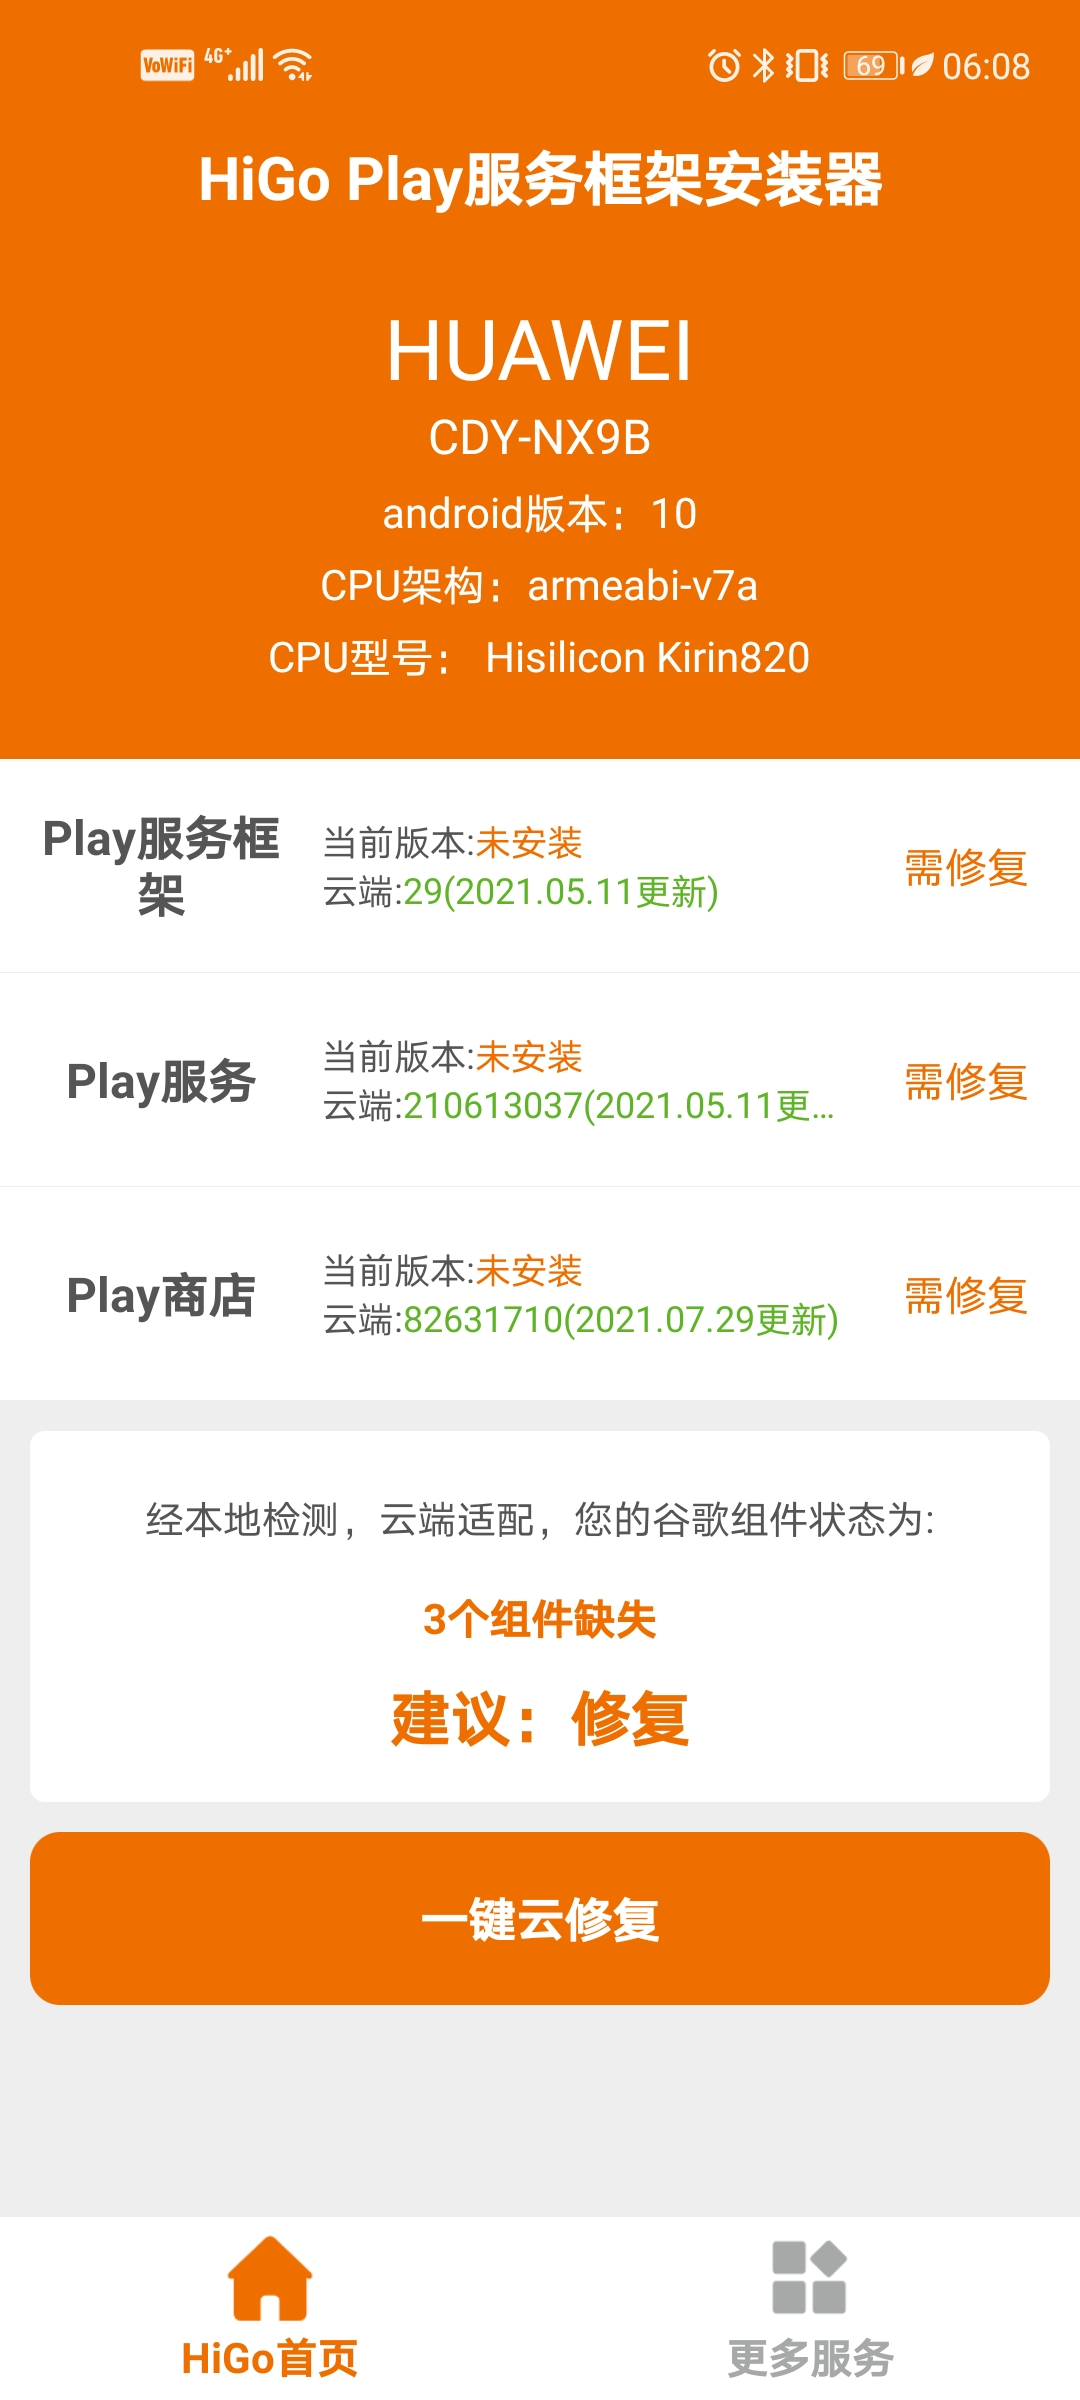 Screenshot_20210730_060852_com.higoplayservice.higoplay.jpg